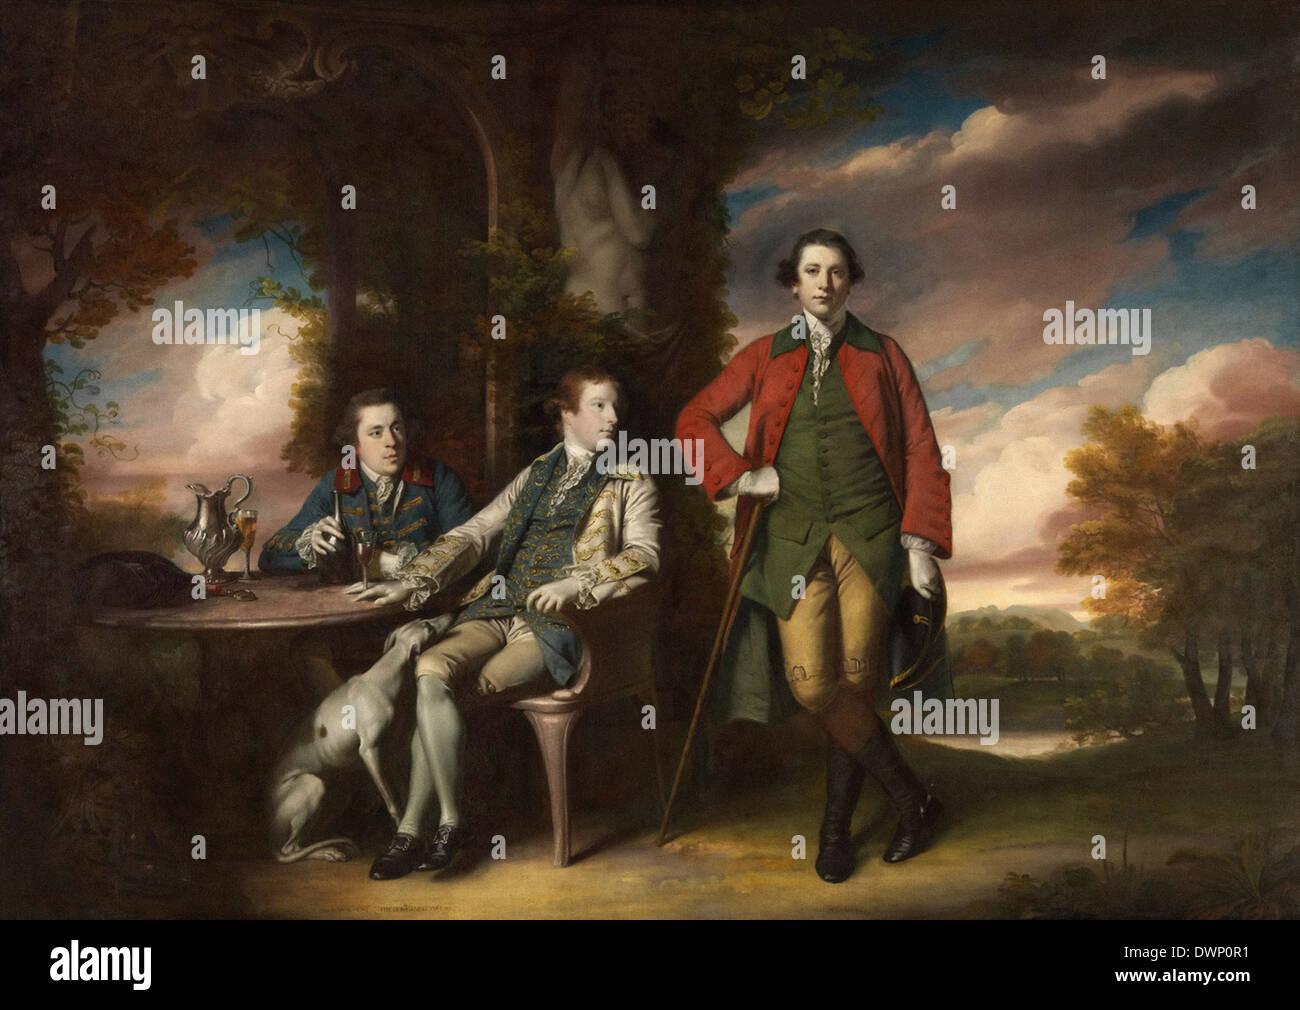 Joshua Reynolds - La onorevole Henry Fane con Inigo Jones e Charles Blair Immagini Stock